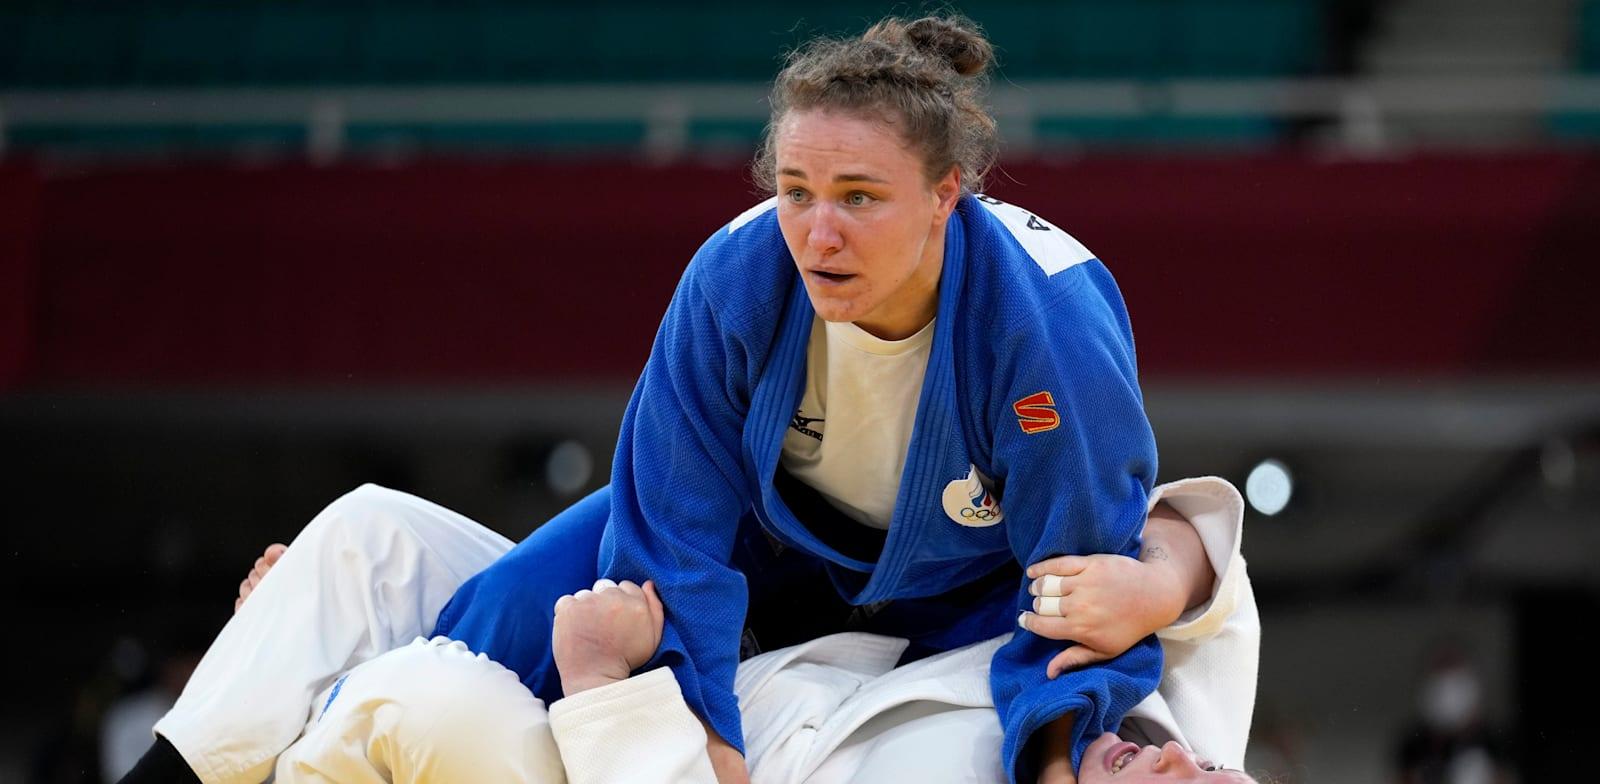 רז הרשקו מנצחת באיפון את אלכסנדרה בבינצבה / צילום: Associated Press, Vincent Thian